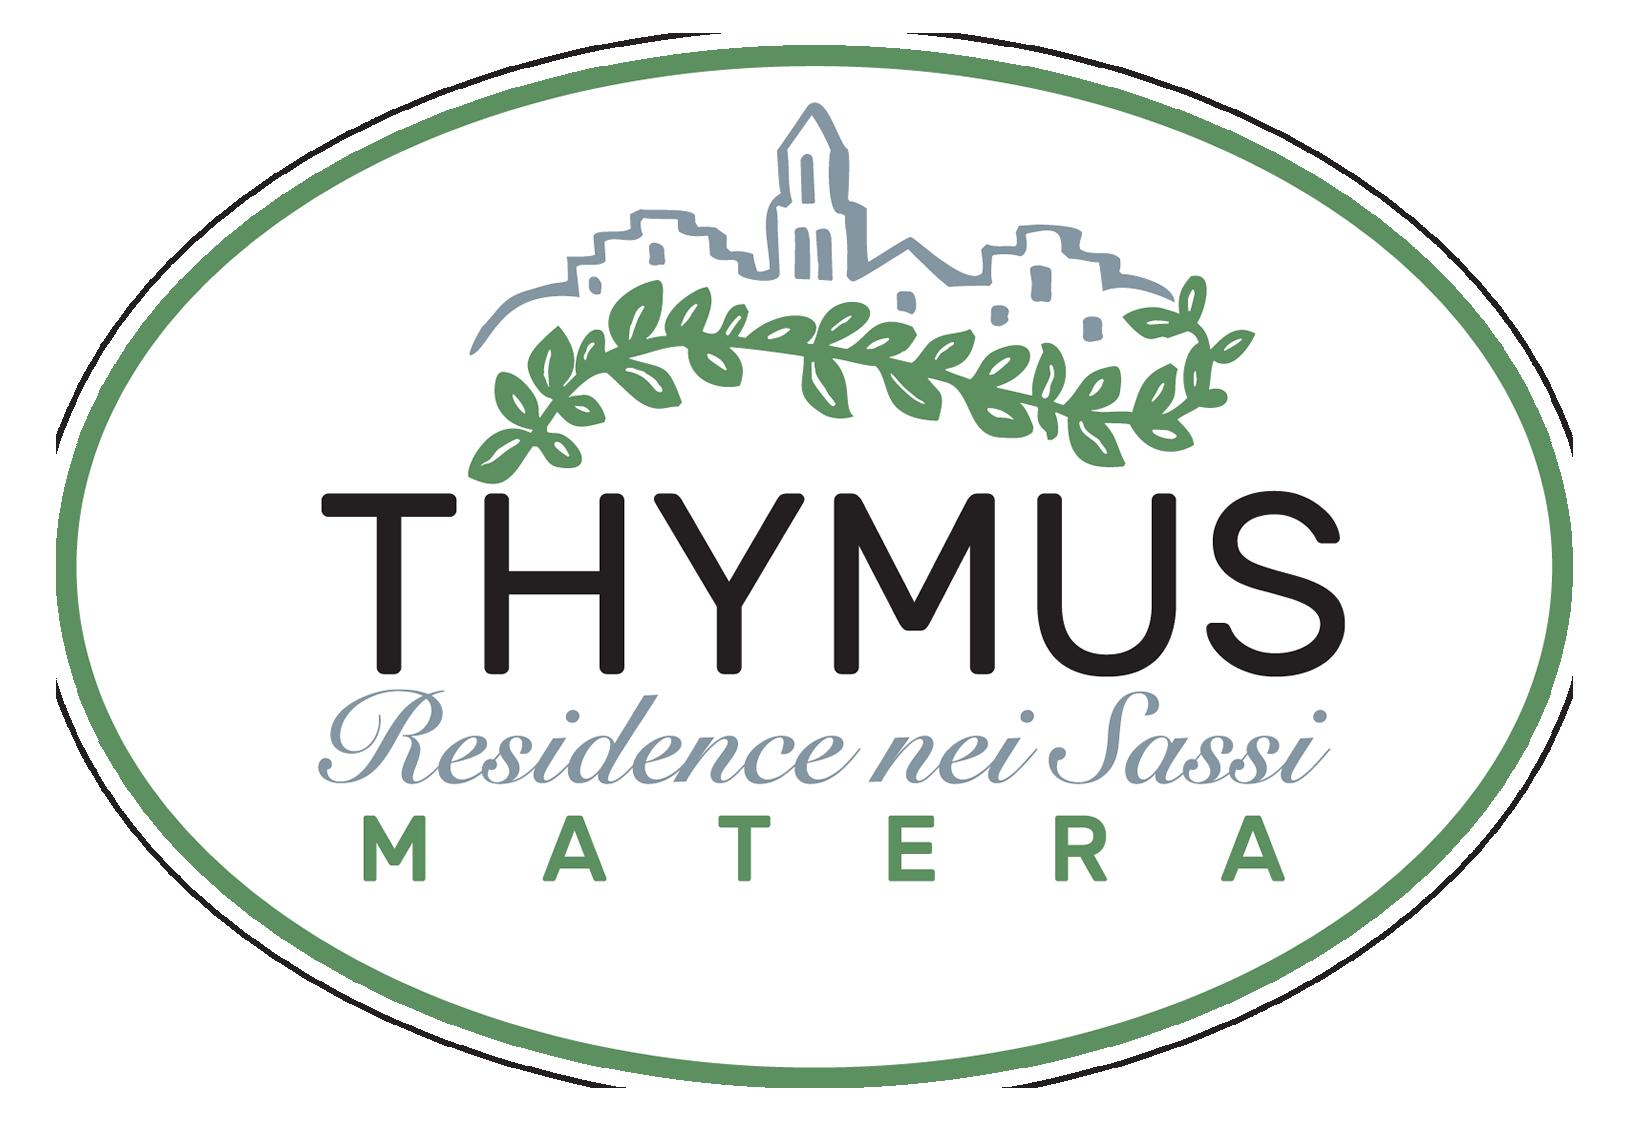 Thymus Matera